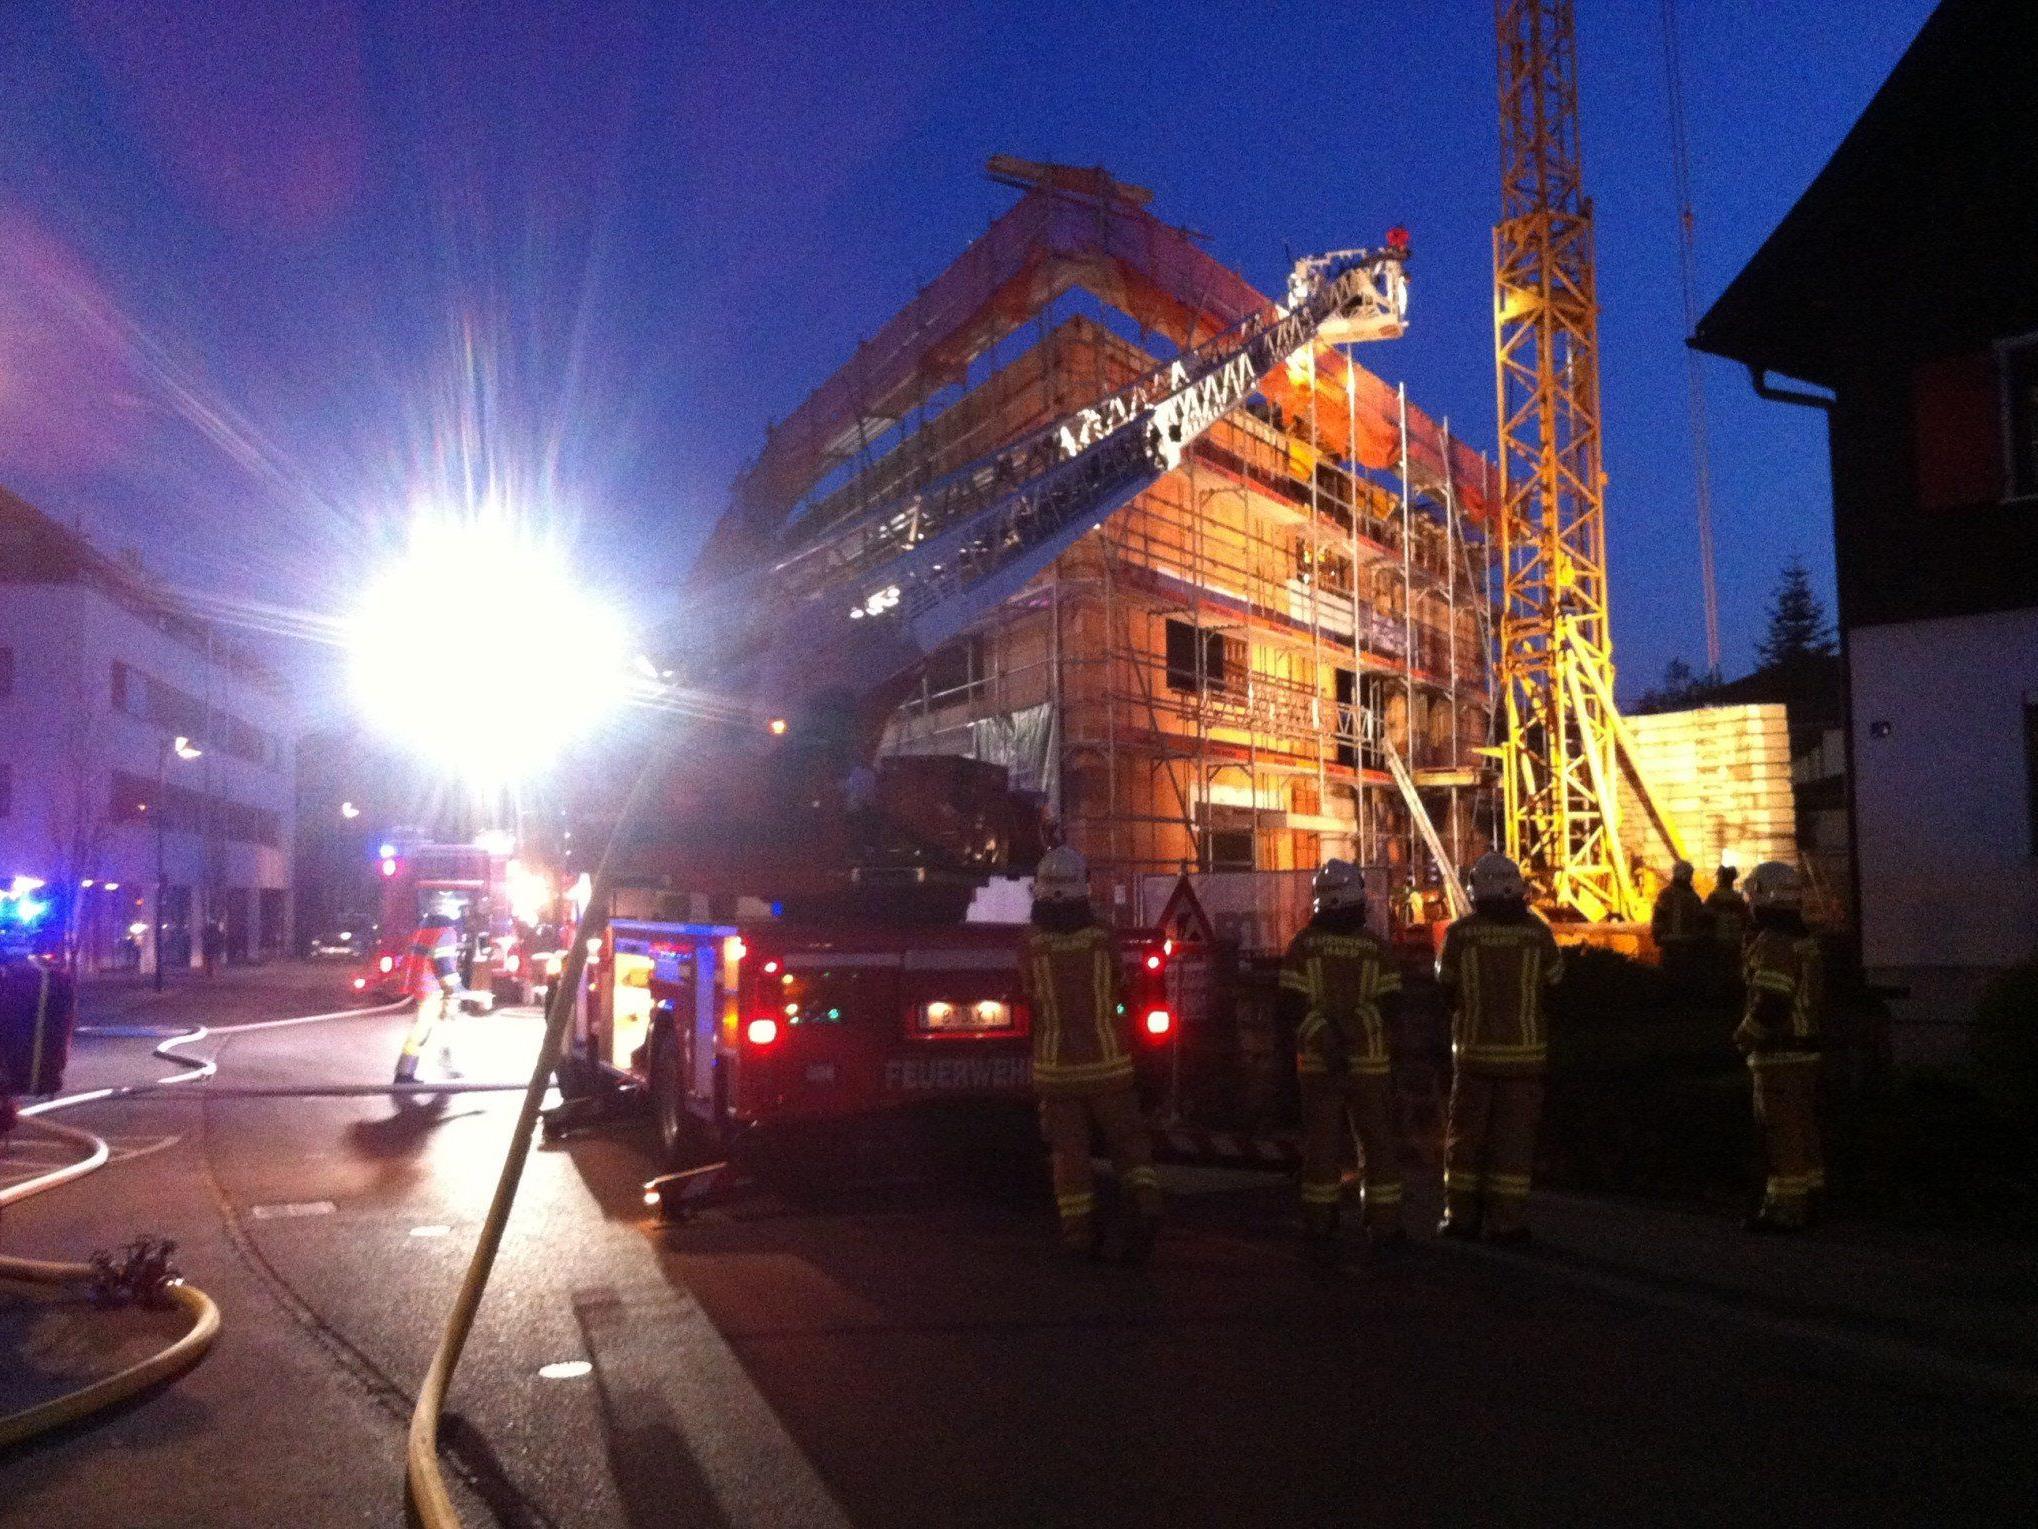 Das Feuer auf der Baustelle in der Harder Seestraße wurde rasch gelöscht.